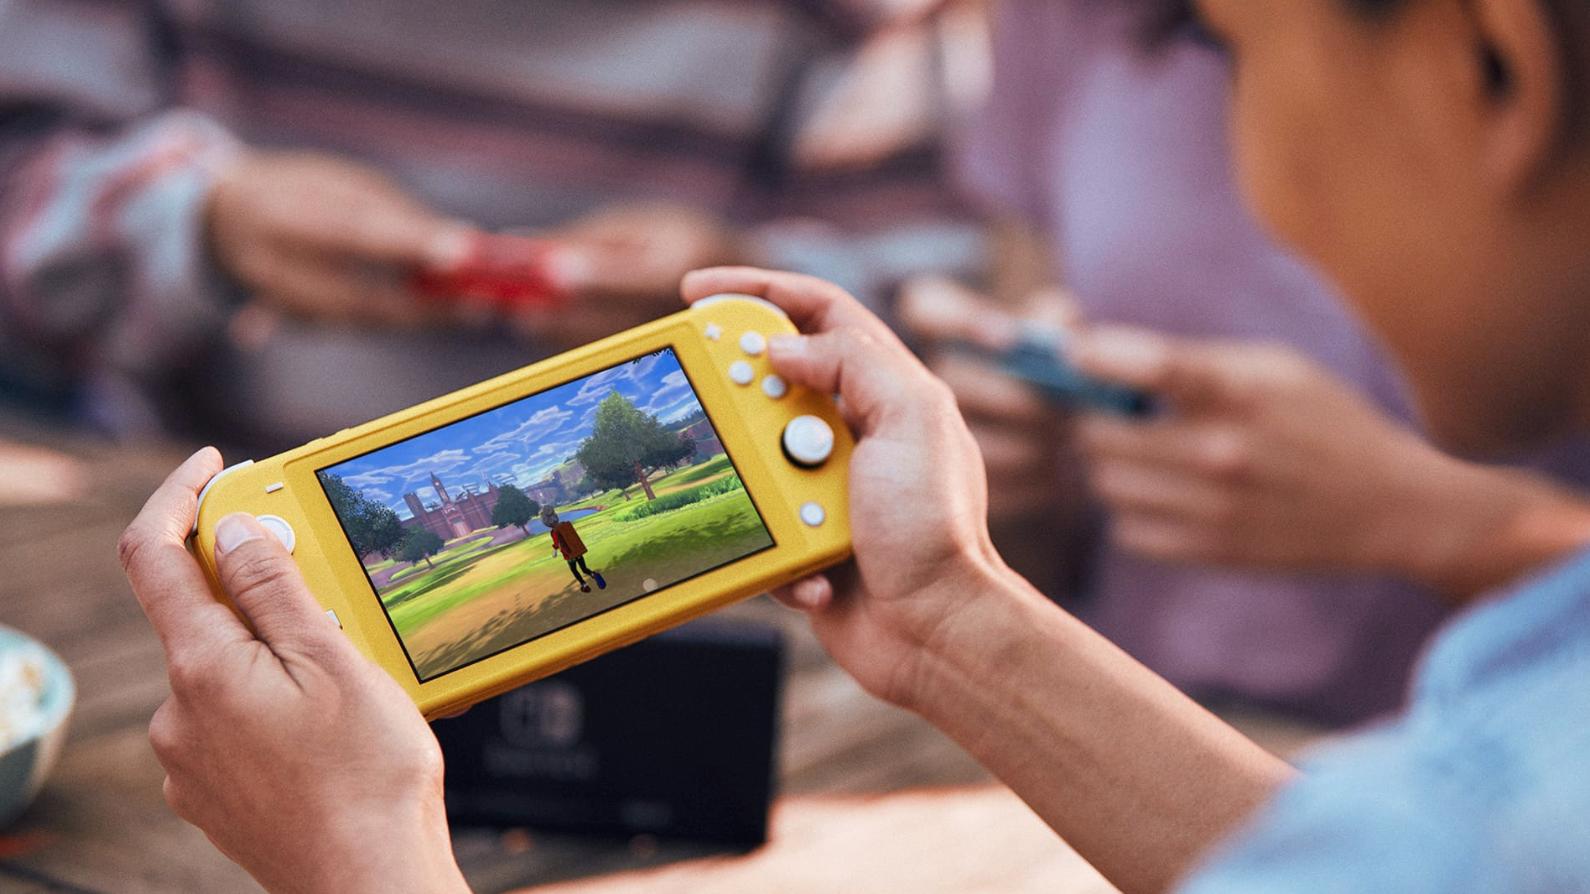 Nintendo Switch Lite er lansert, og vil koste mye mindre enn originalen